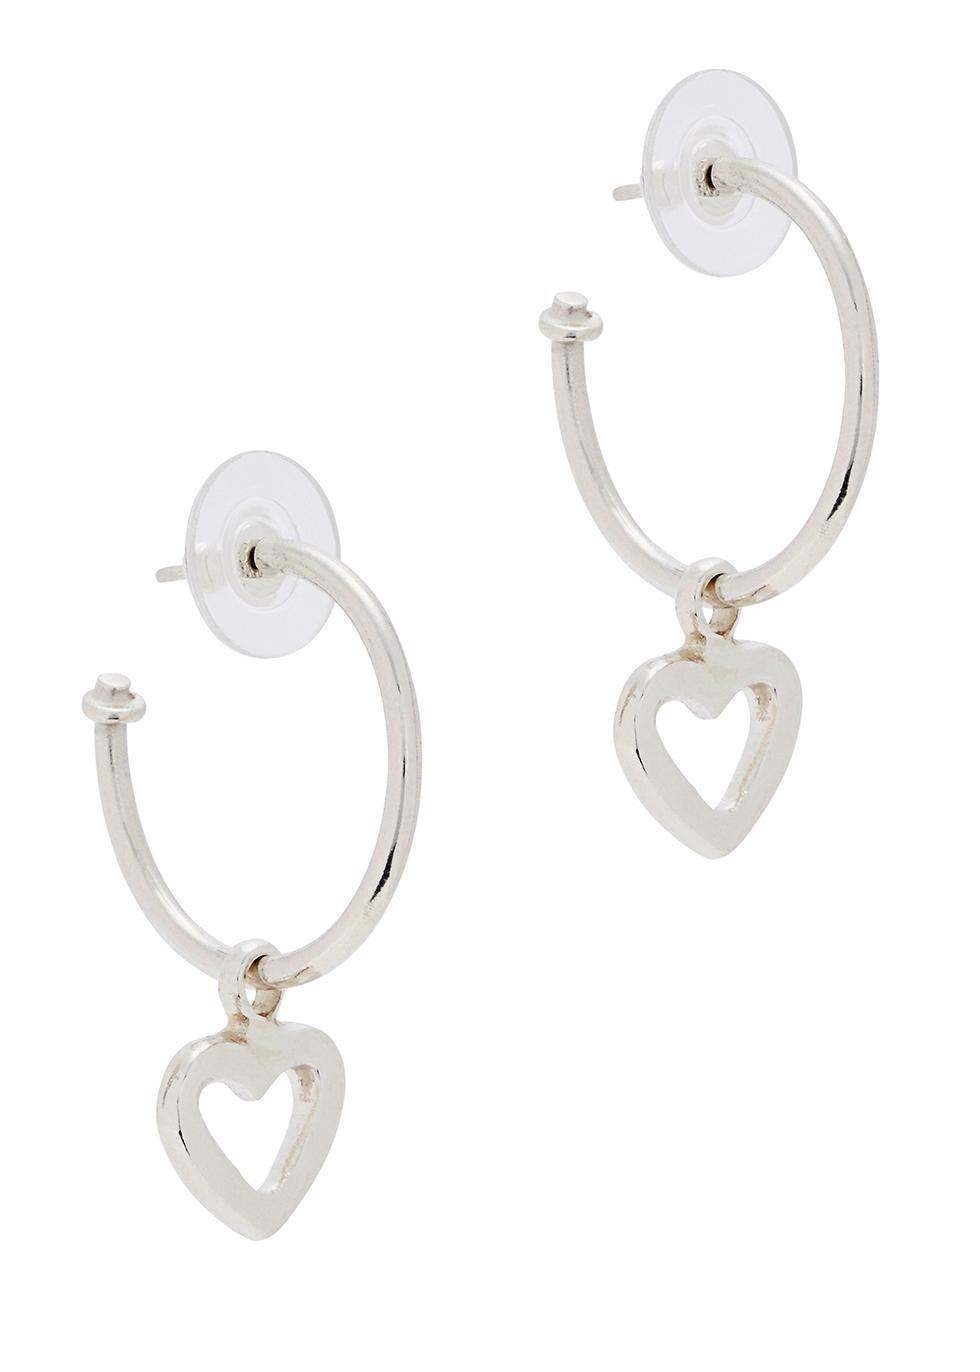 MUSE STUDIO Open Heart Silver Hoop Earings